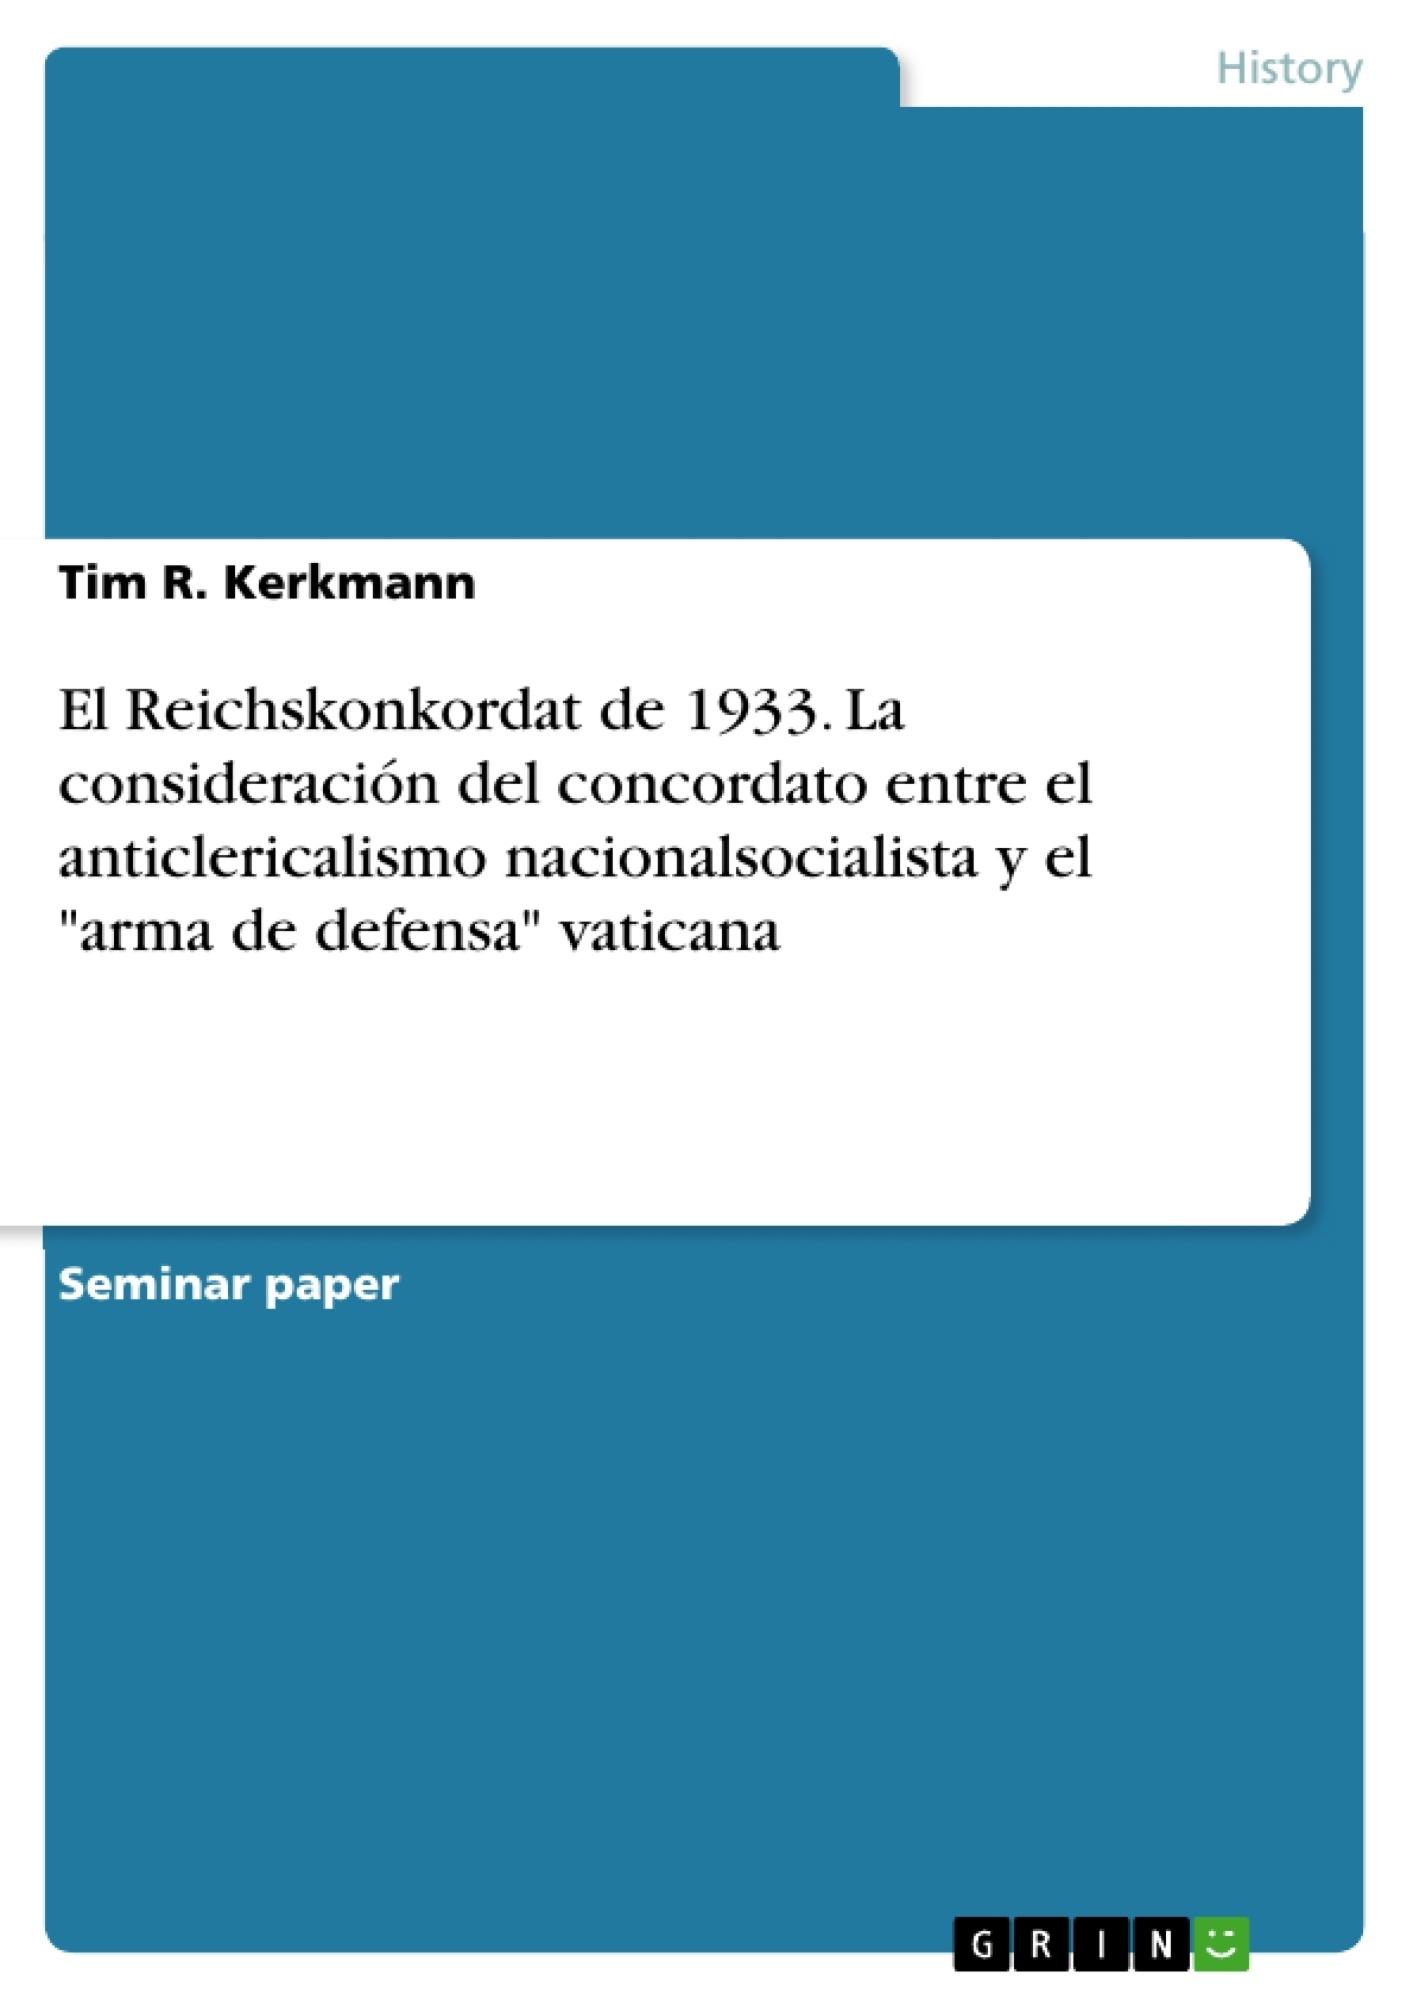 """Título: El Reichskonkordat de 1933. La consideración del concordato entre el anticlericalismo nacionalsocialista y el """"arma de defensa"""" vaticana"""